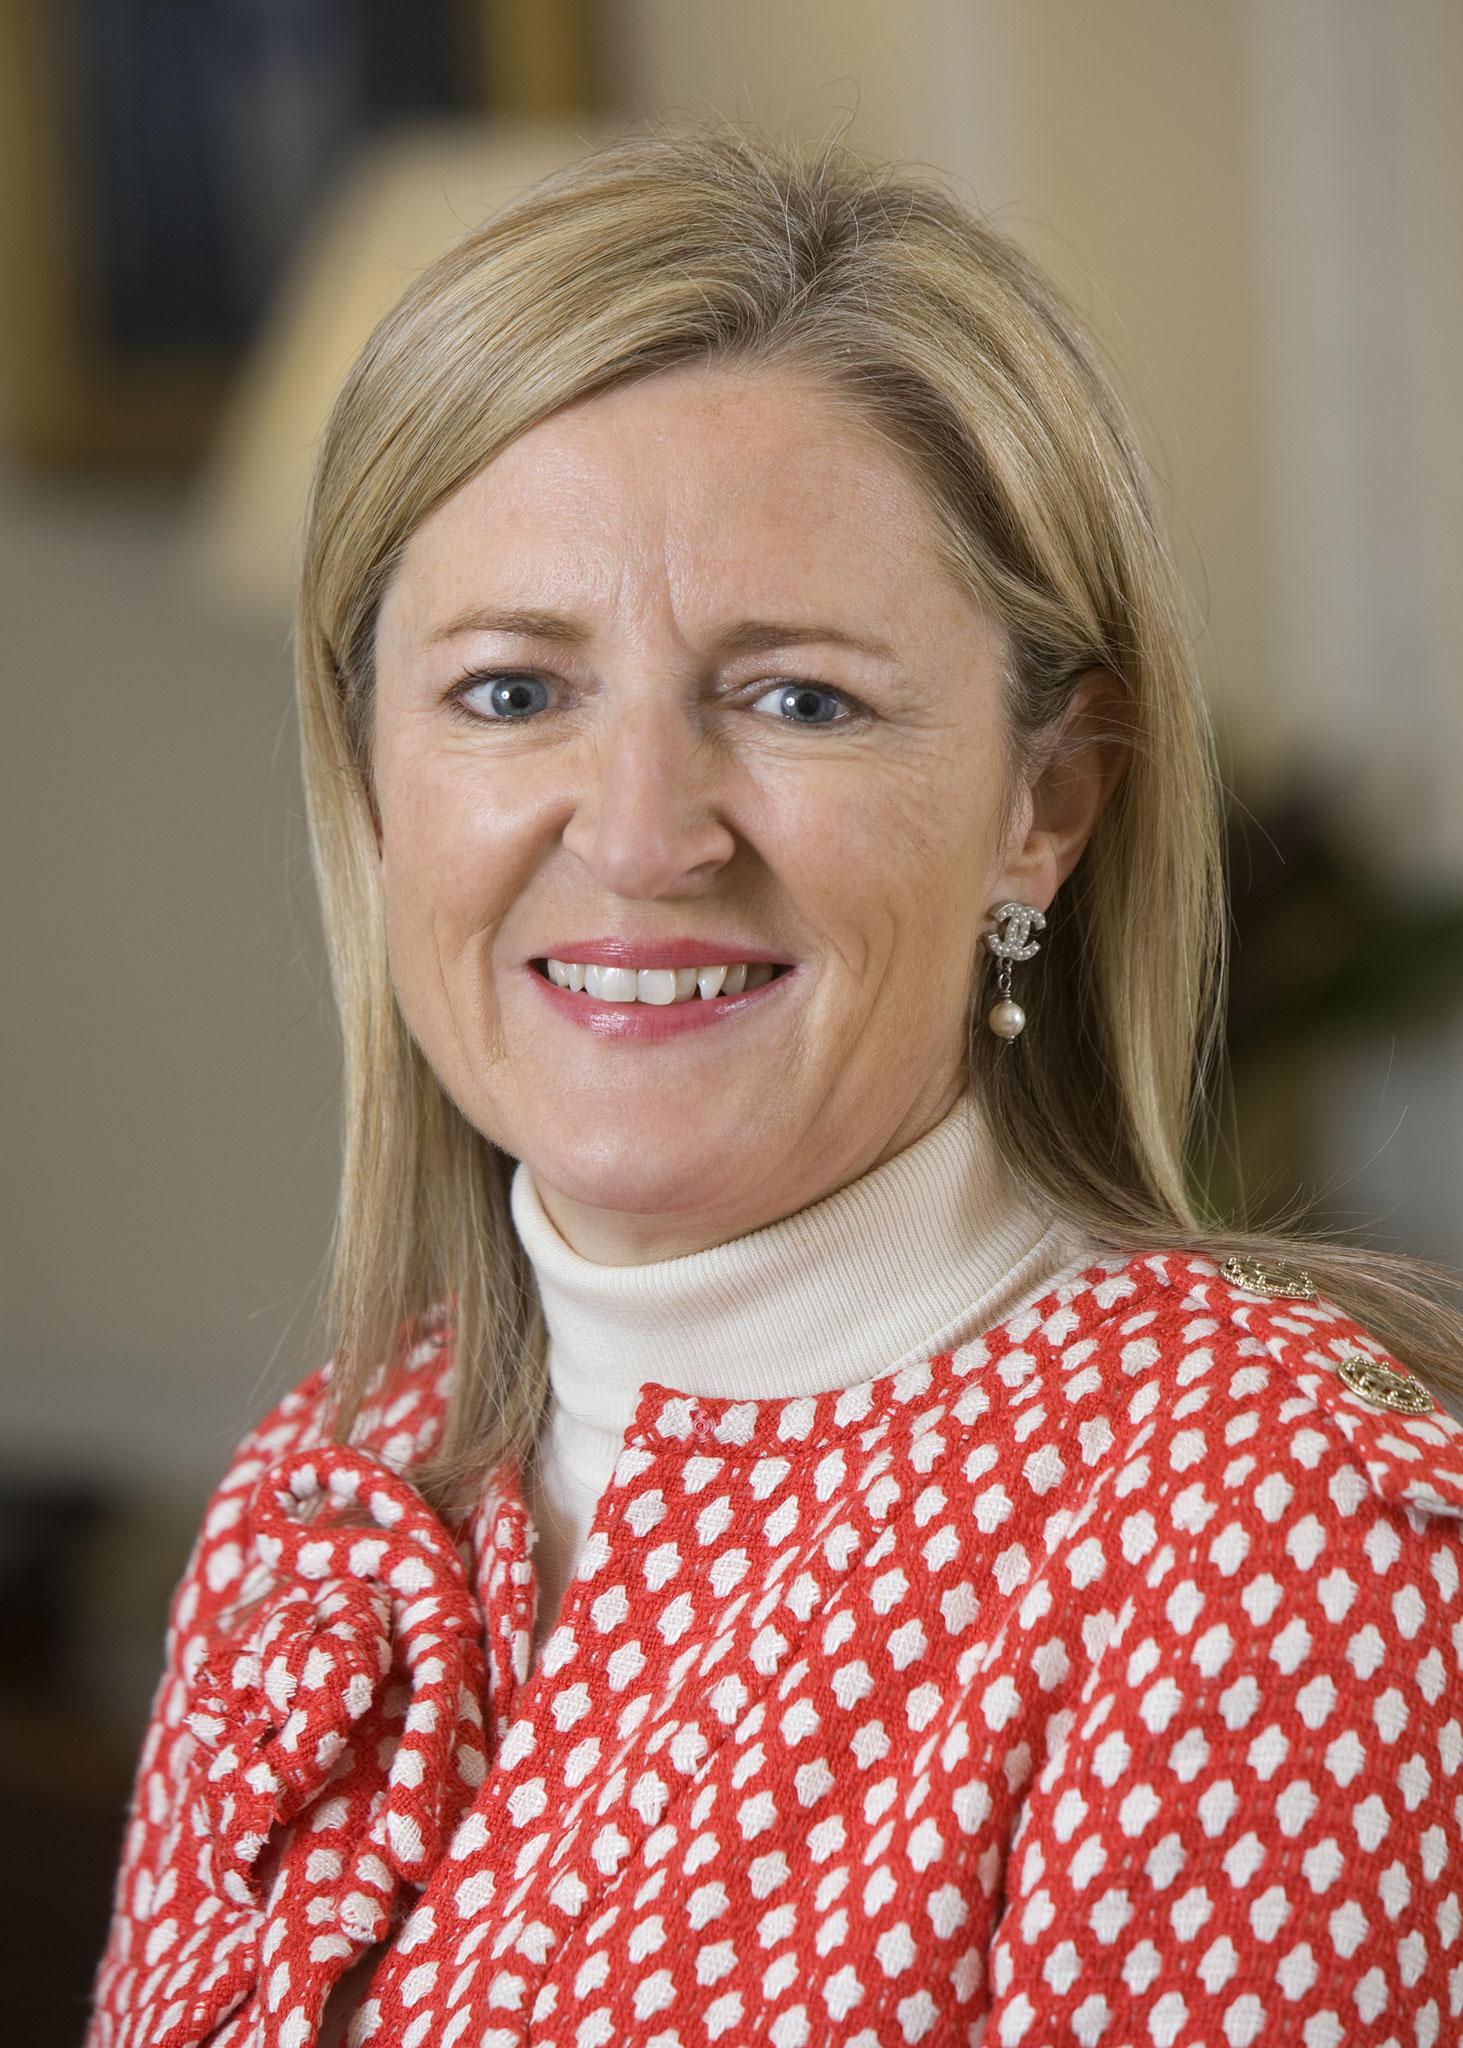 Ellen O'Sullivan, Dublin, Ireland